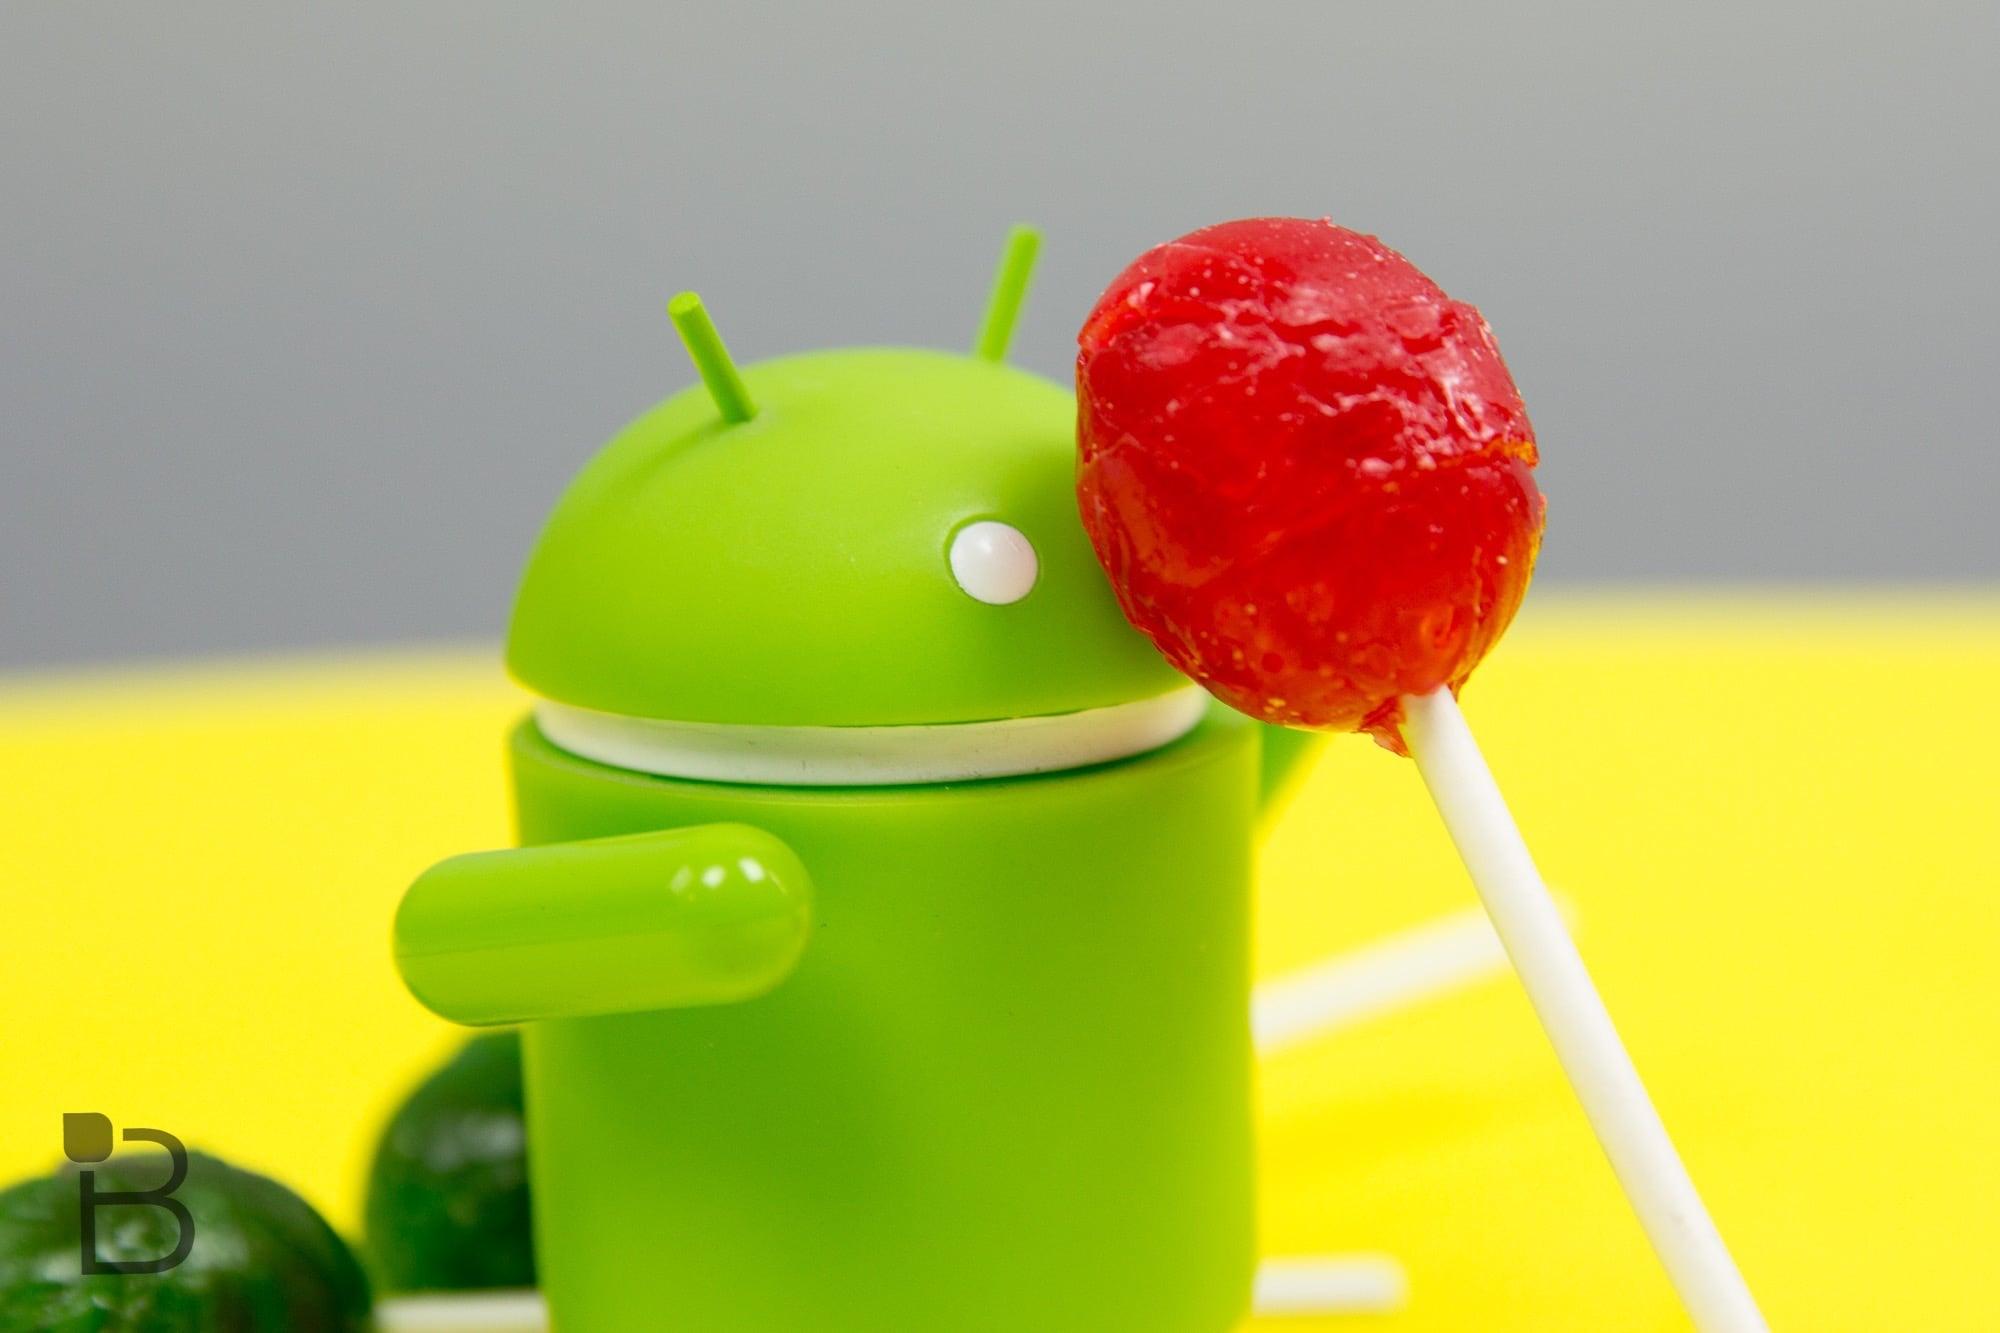 Android Cihazlara Çoklu Ekran android 5.1 Android Cihazlara Çoklu Ekran Google Android 5 0 Lollipop 5